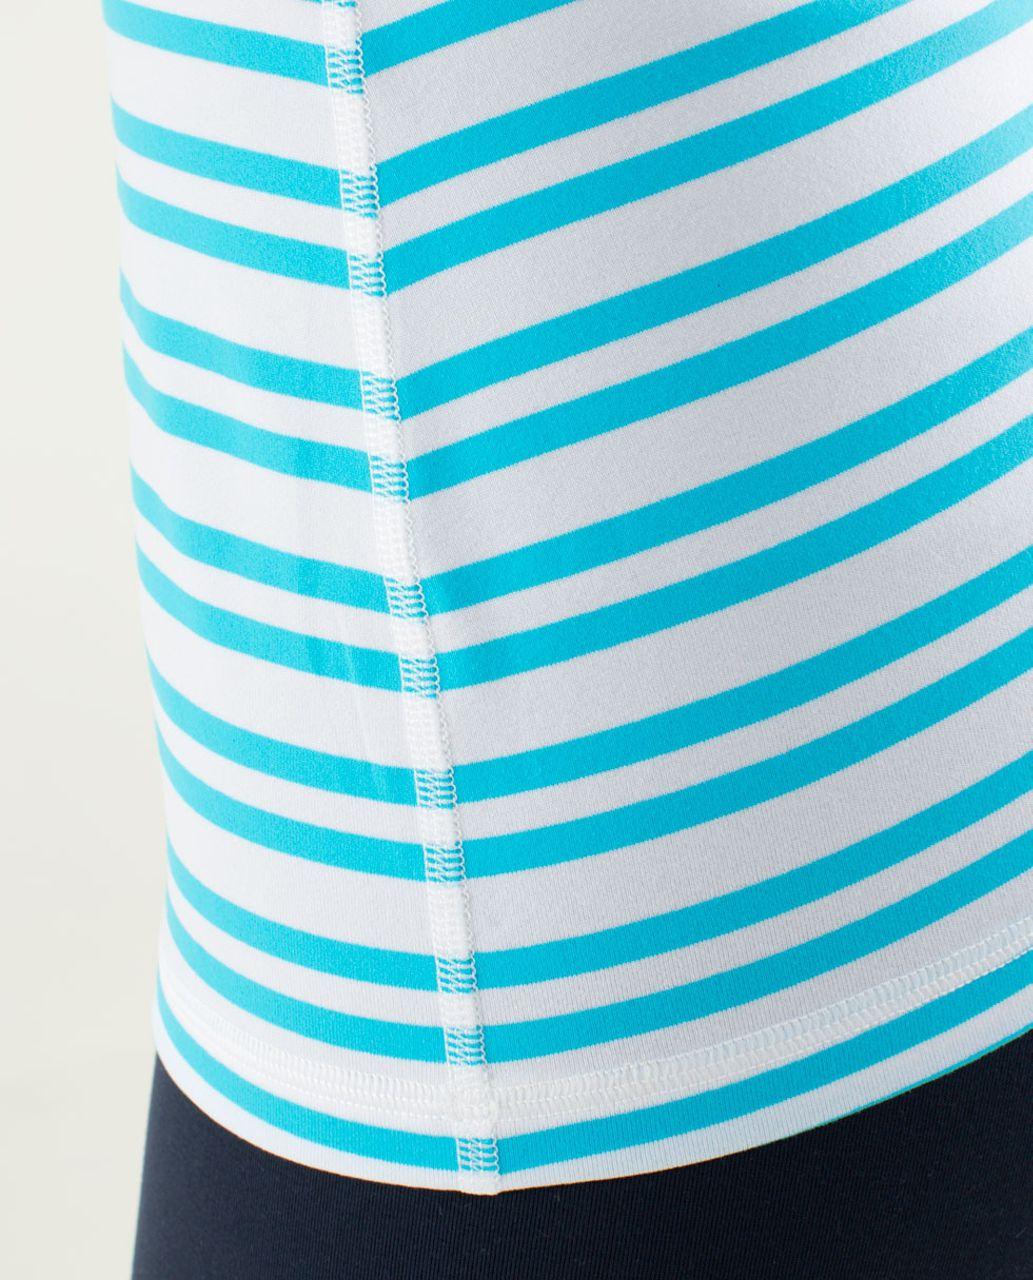 Lululemon Power Y Tank *Luon Light - Twin Stripe Spry Blue / Spry Blue